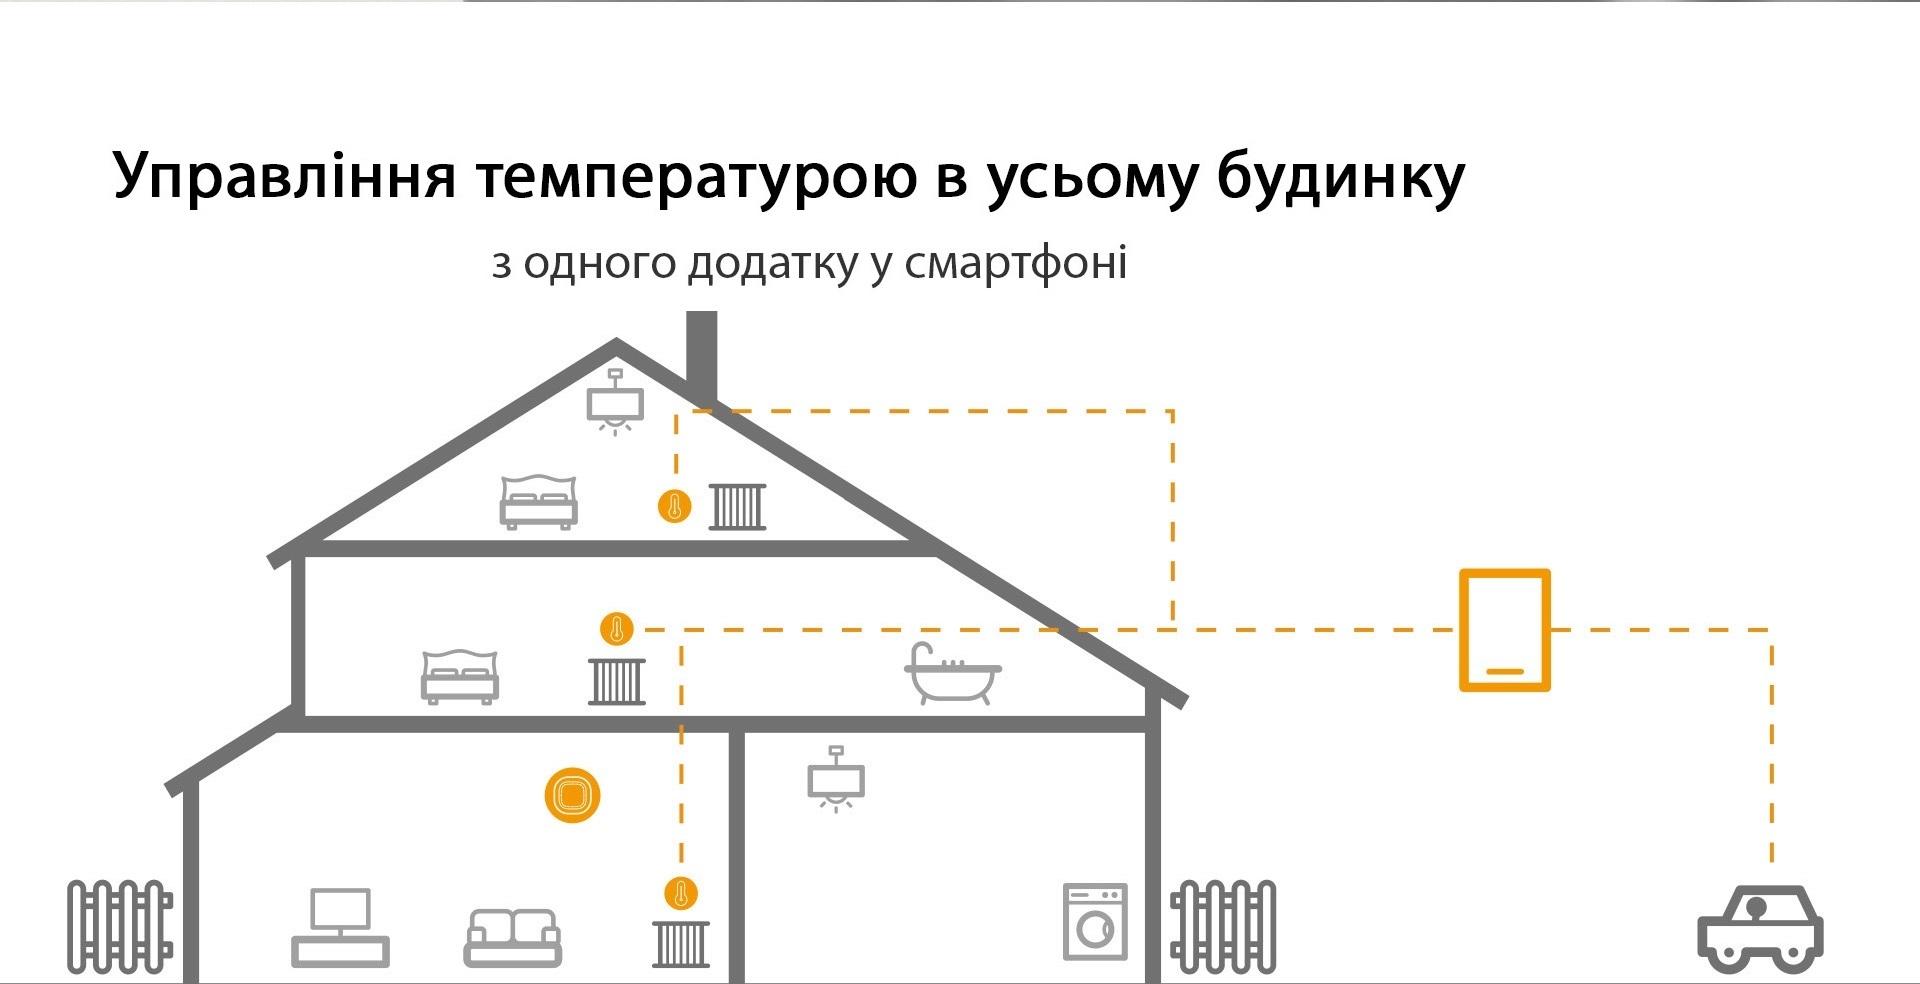 Умный дом: Комплект термоконтроль - контроллер (шлюз) Tervix Zigbee Gateway и 2 беспроводные радиаторные термоголовки Tervix EVA - 12